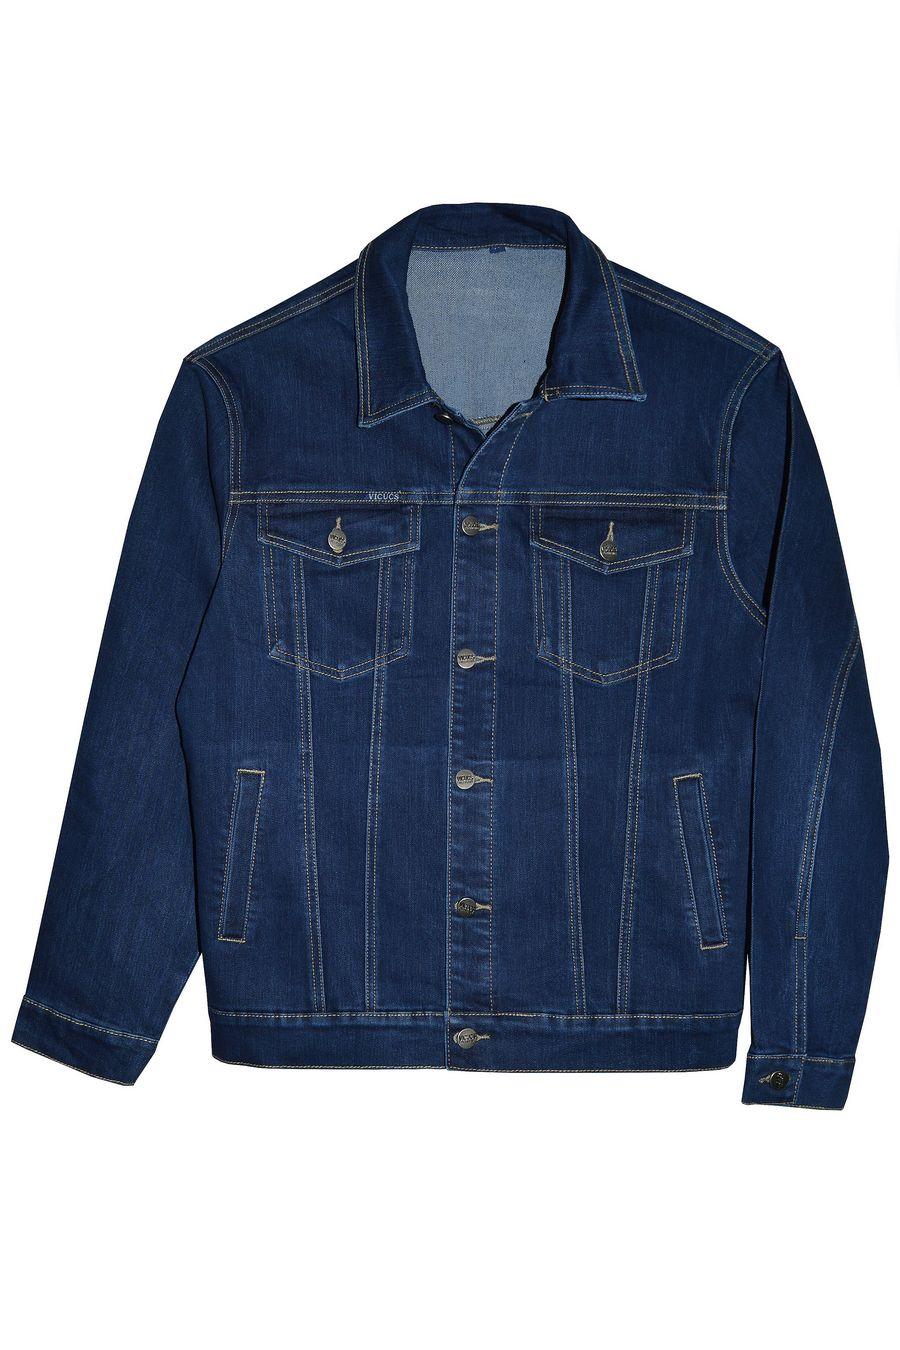 Пиджак мужской (джинсовка) Vicucs 728E.870-5 (M-3XL) - фото 1